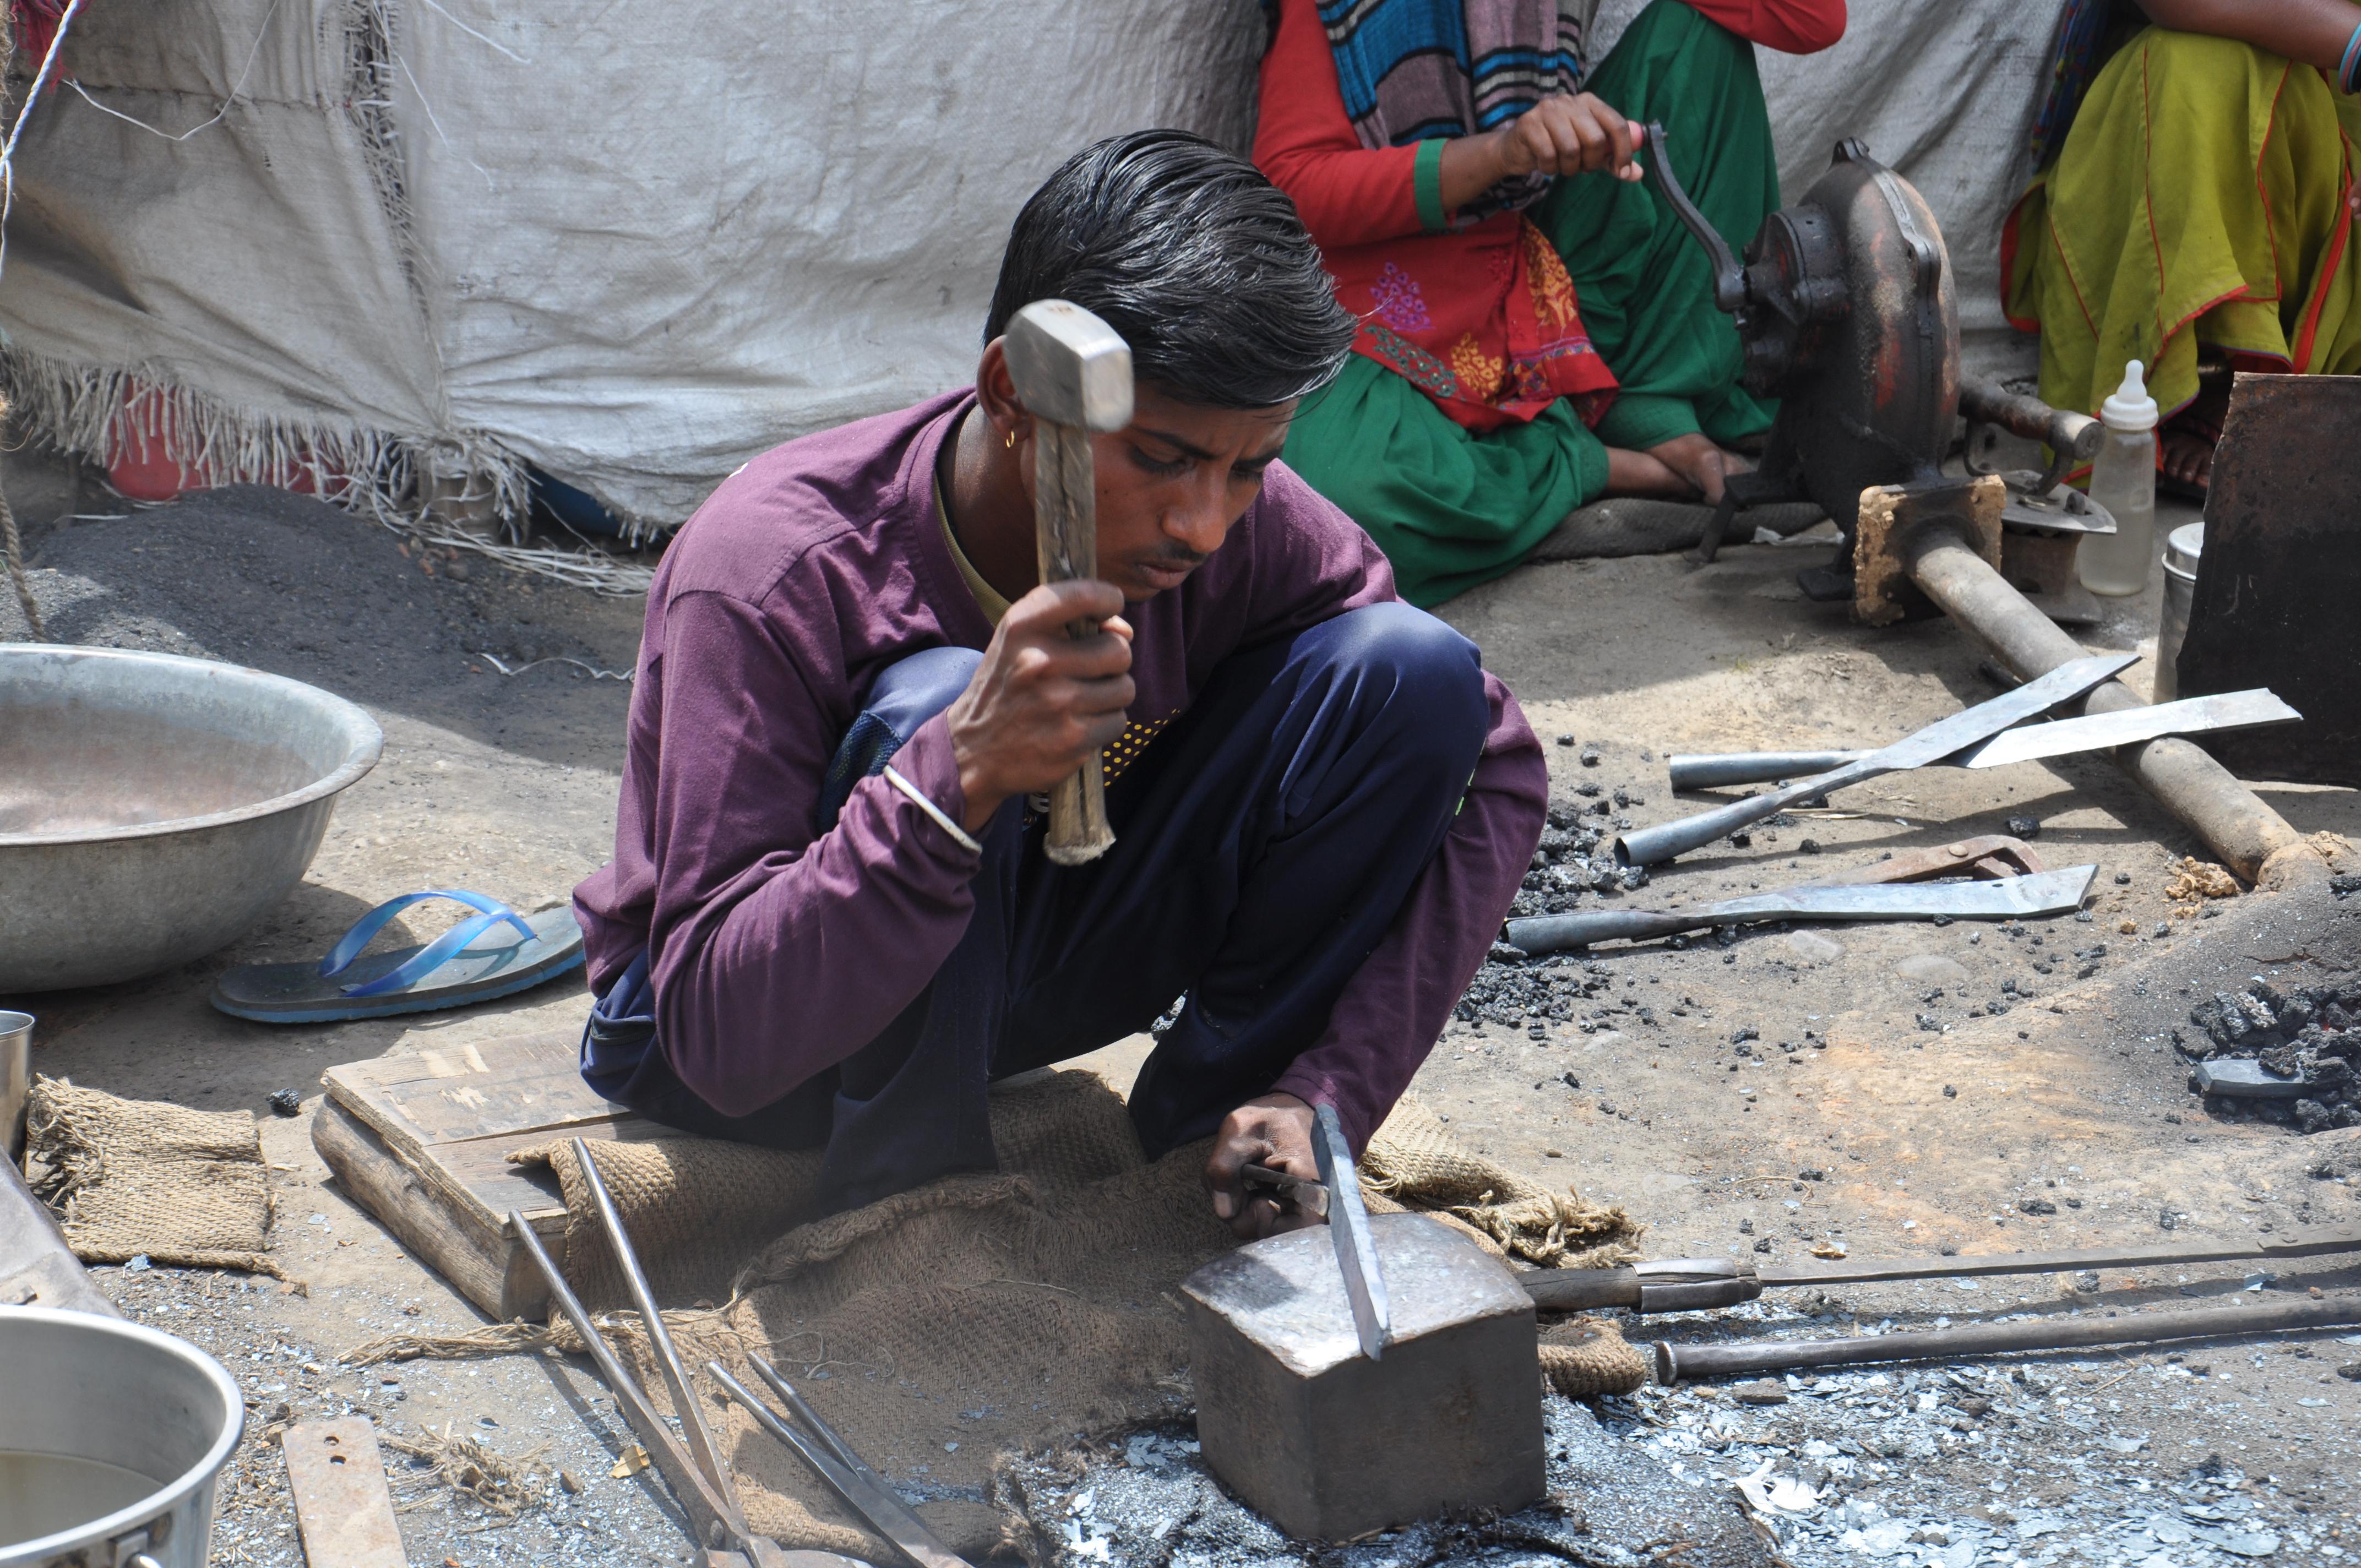 अजय अभी 17 साल का है जिस वक्त इन हाथों में अपने भविष्य के तकदीर को लिखने के लिए पेन और कॉपी होना चाहिए उस वक्त पिघले हुए लोहे को हथौड़े से आकार दिया जा रहा है,